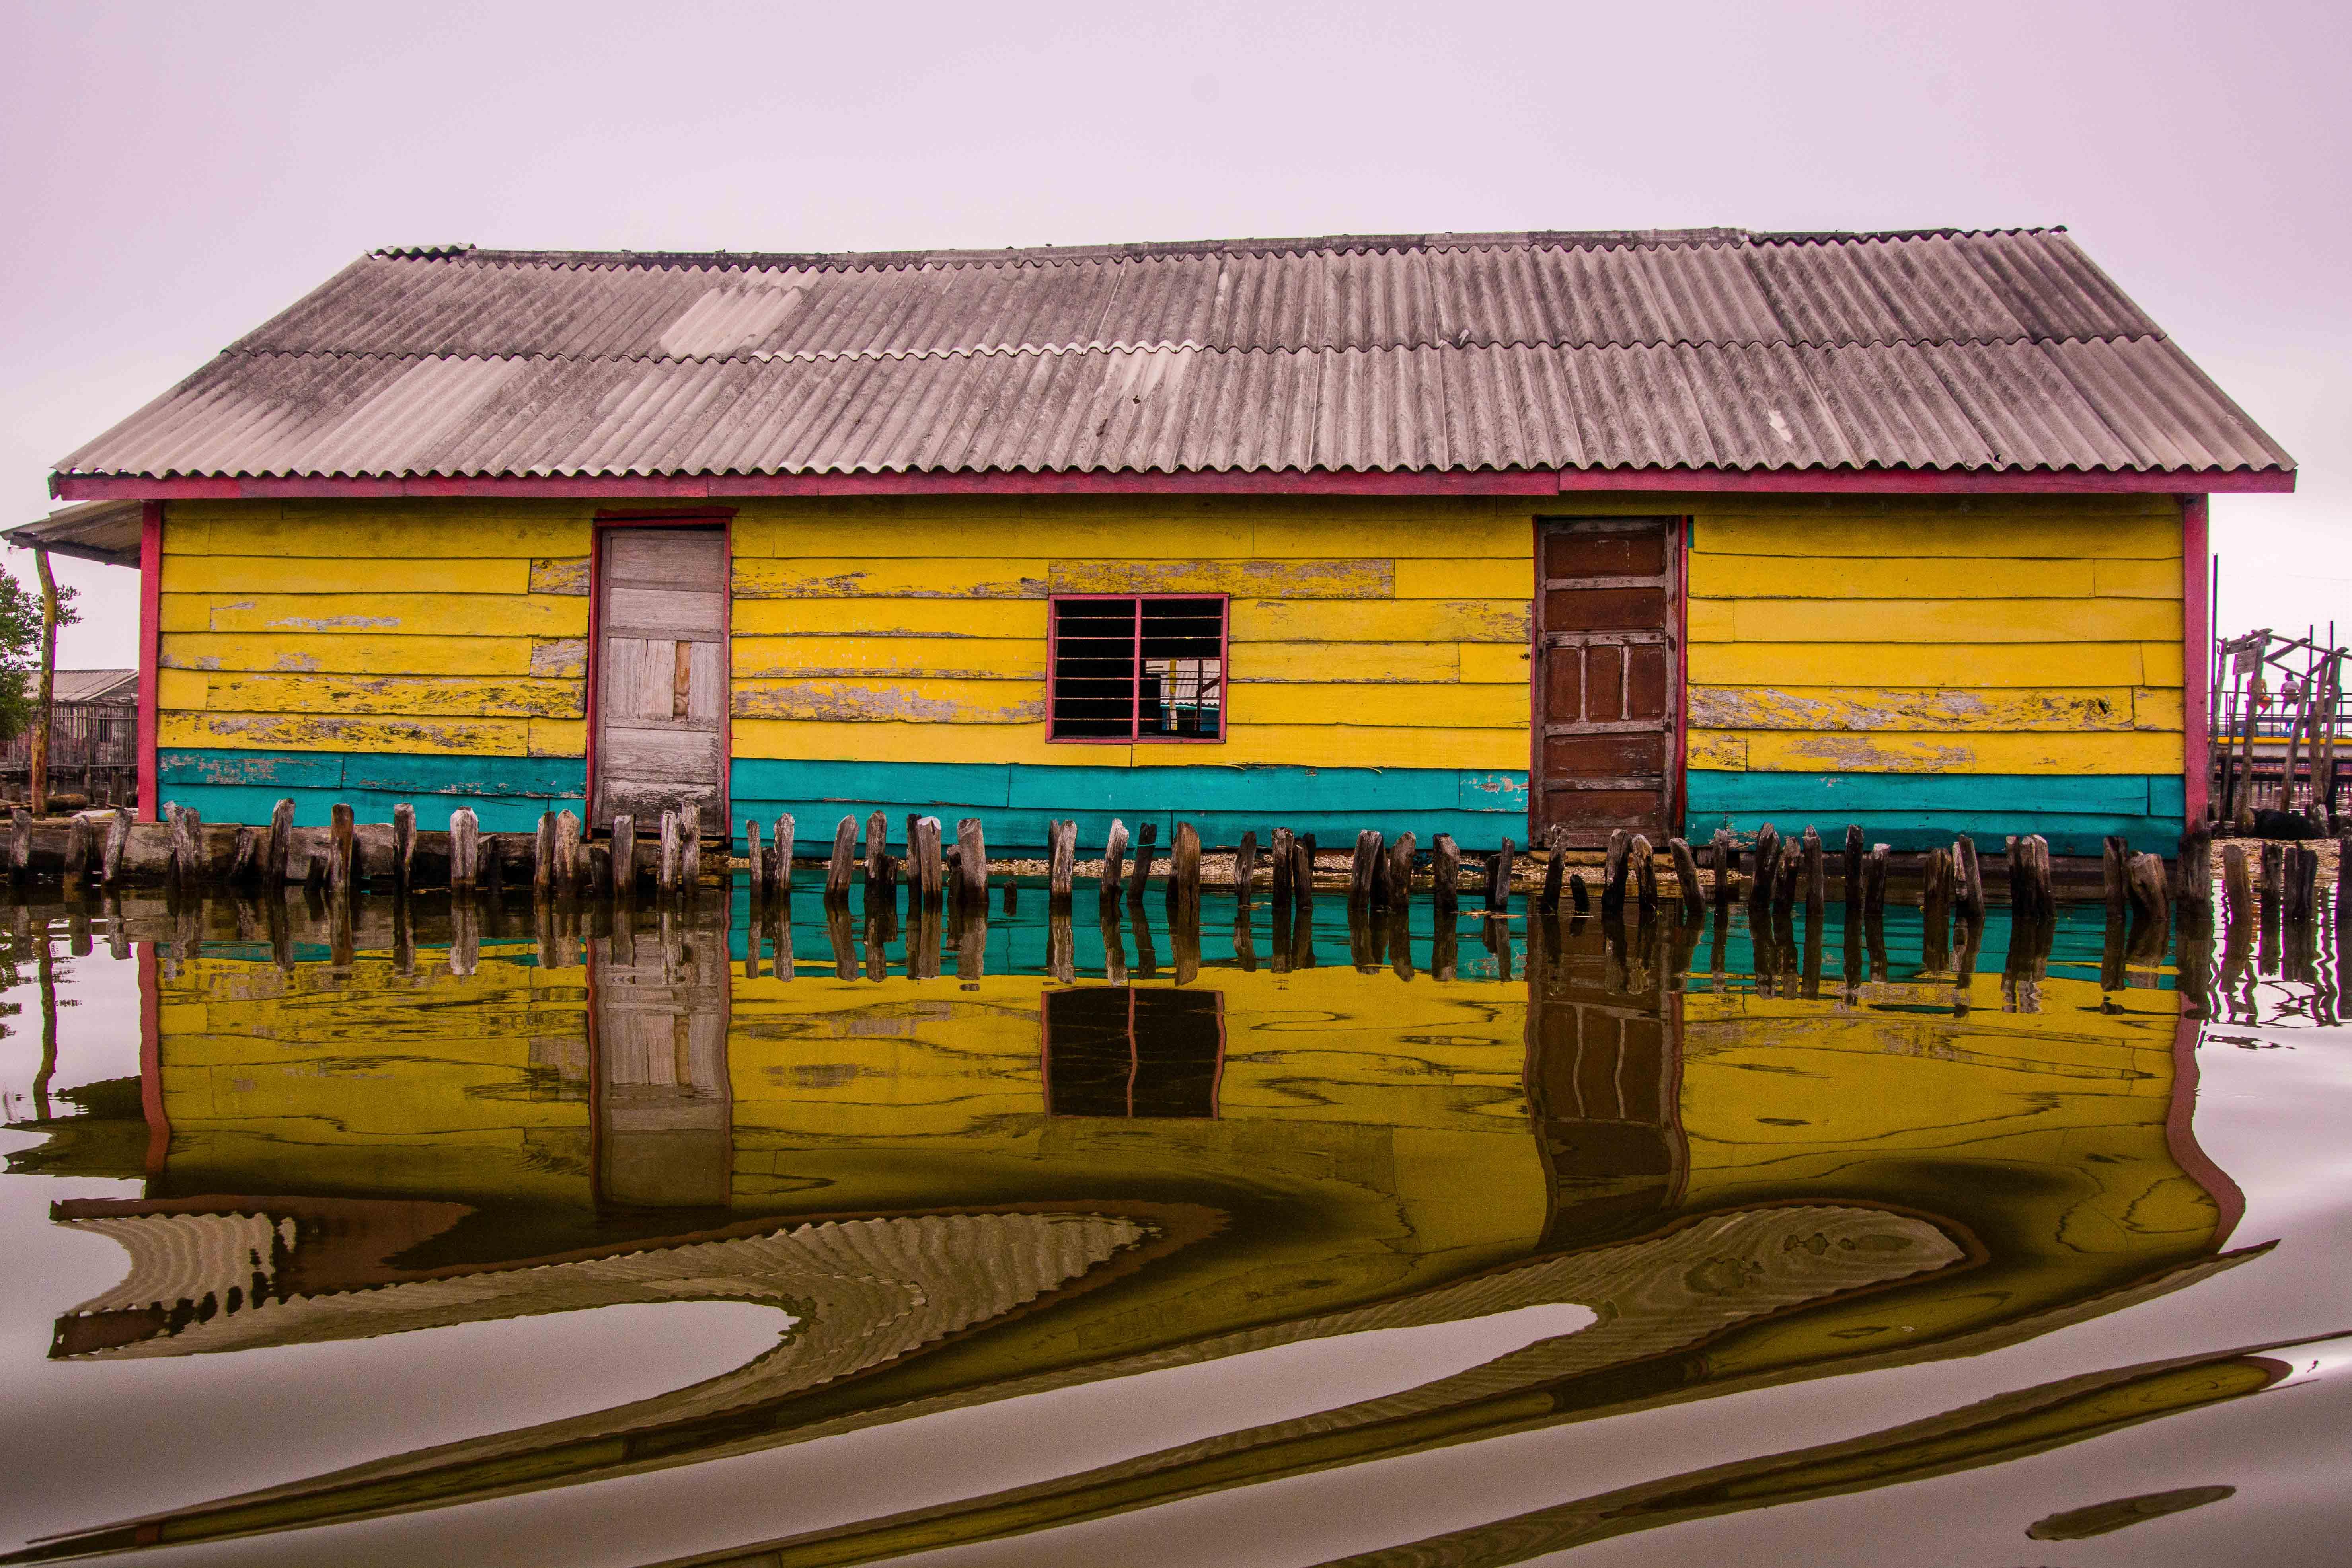 Foto: Carlos Mario Parra de la serie Sueños sobre la superficie en Nueva Venecia-Magdalena